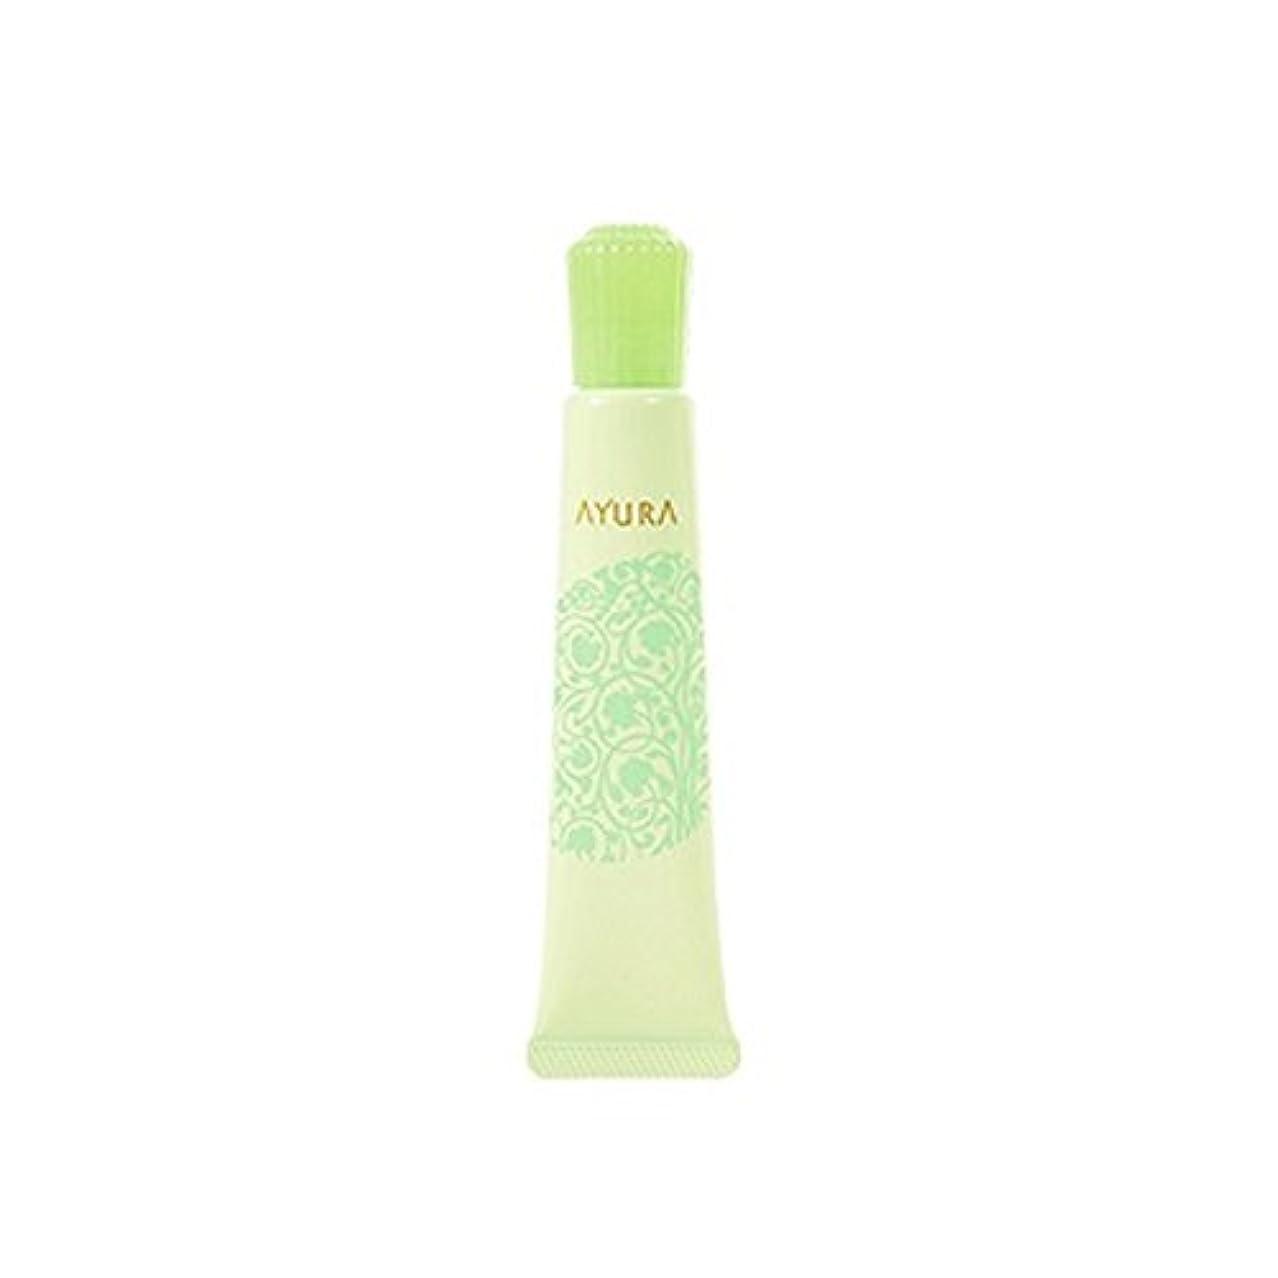 平行ホラー商人アユーラ (AYURA) ハンドオアシス 〈ハンド用美容液〉 アロマティックハーブとユーカリの軽やかな香り